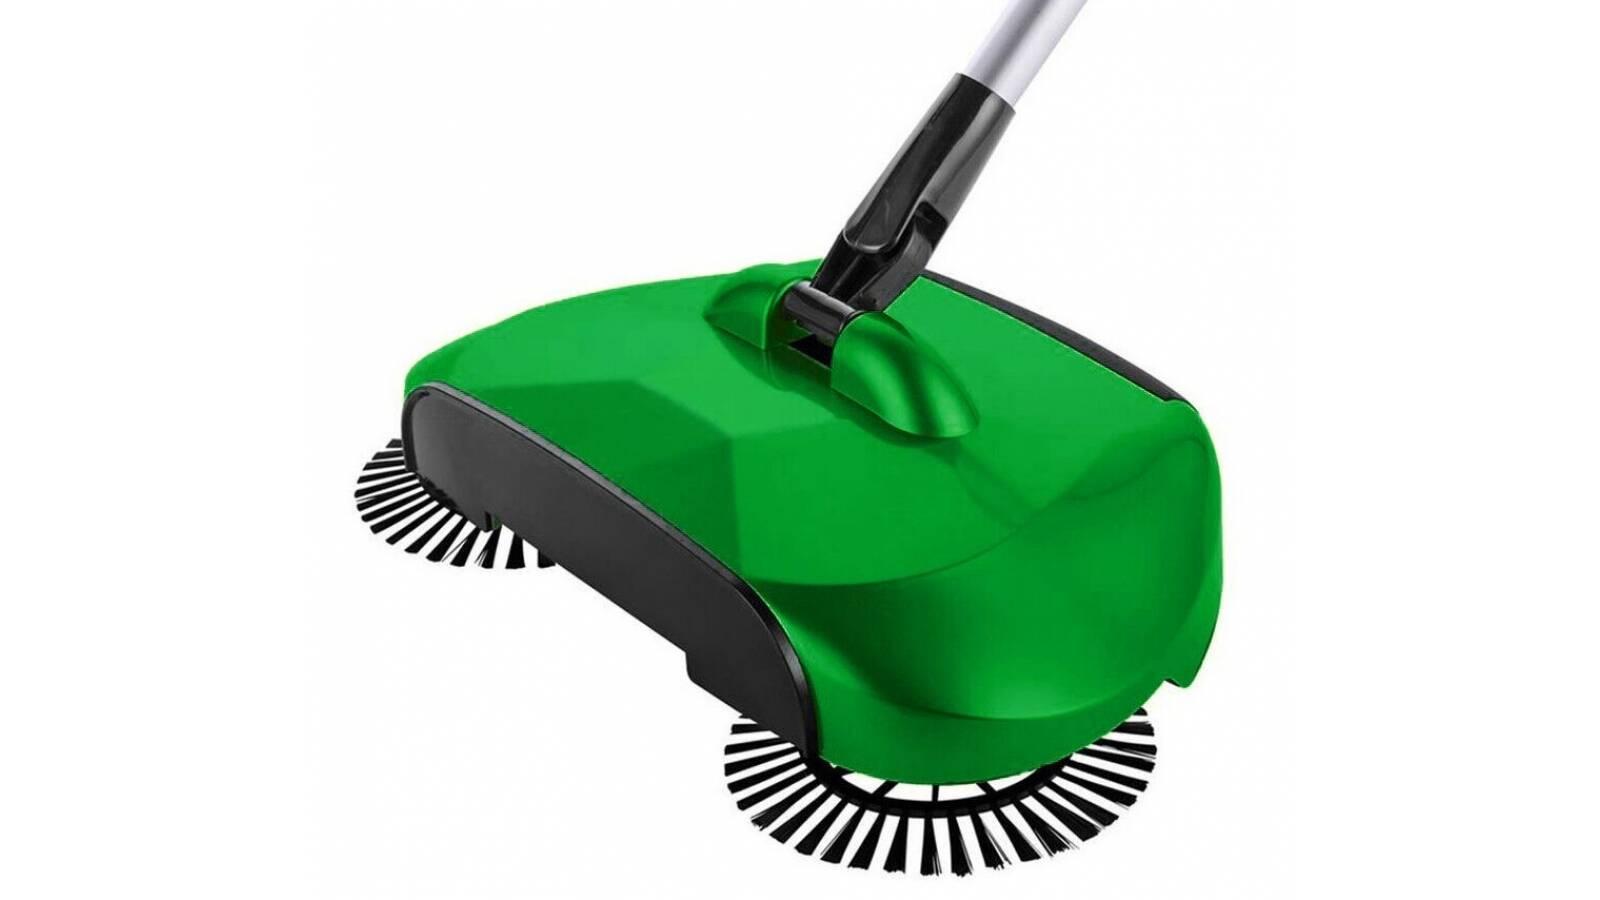 Mopeadora de cepillos - escoba aspiradora Mopa